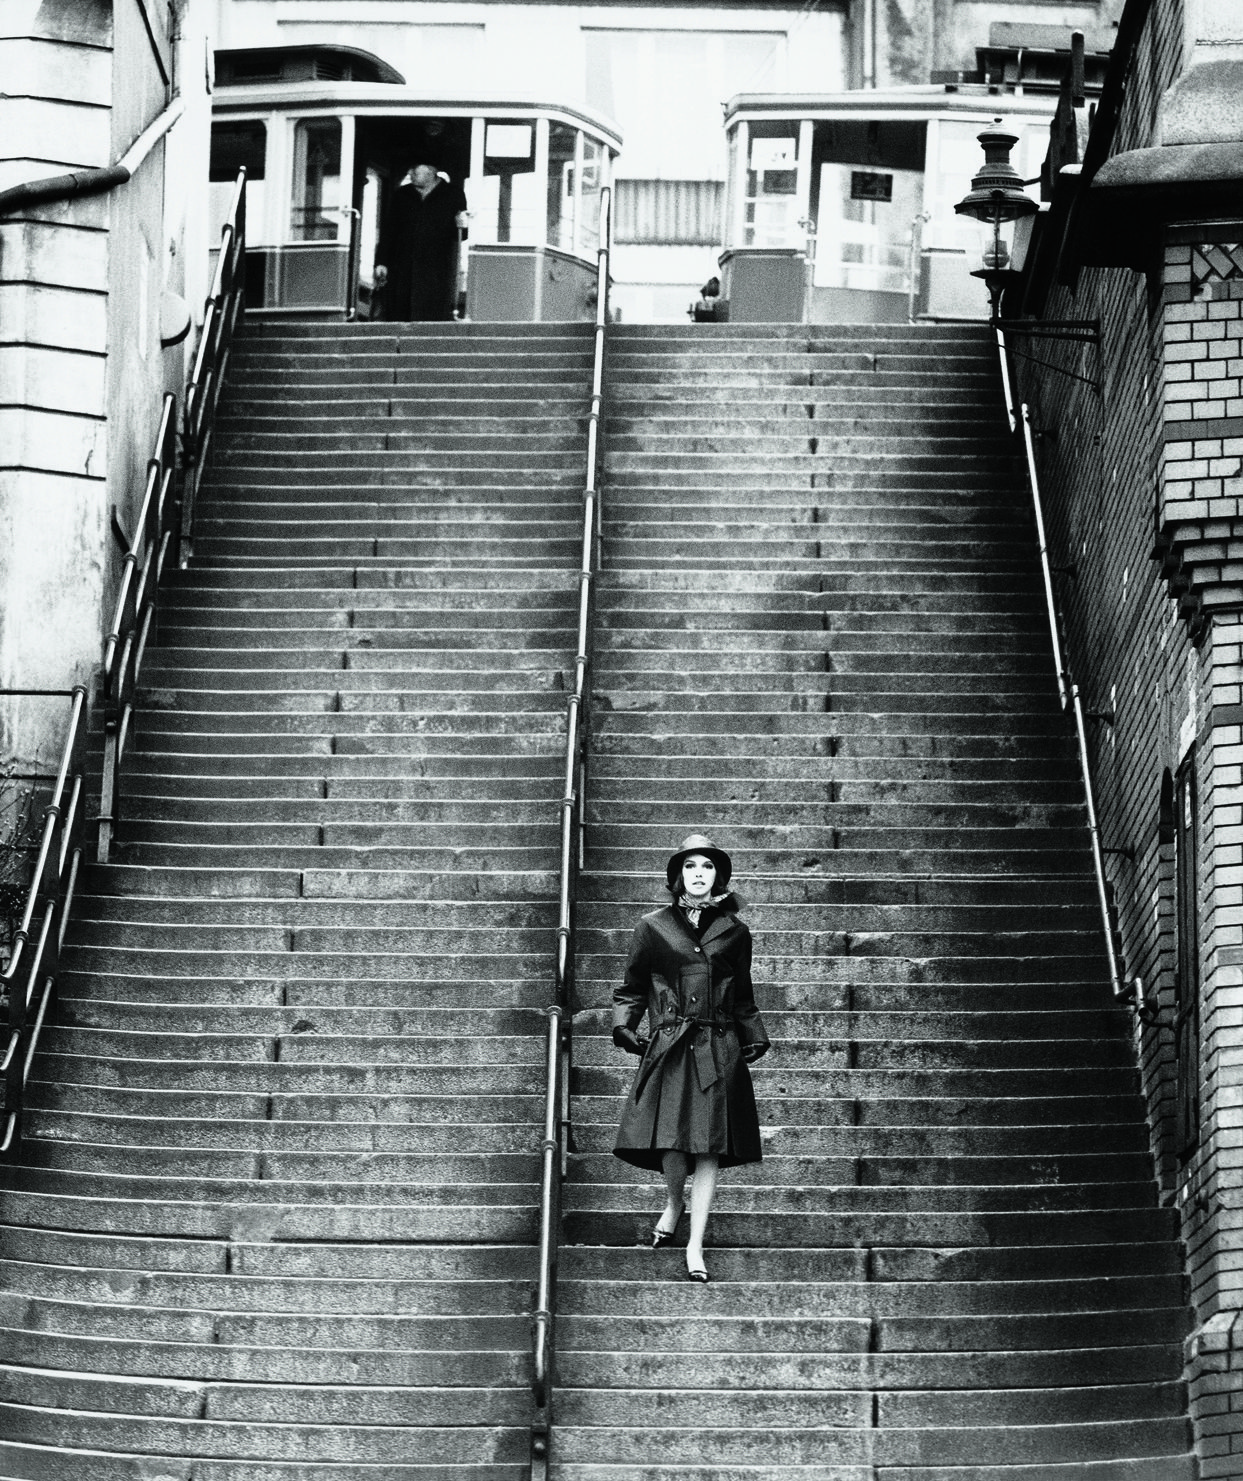 Φωτογράφιση μόδας στο Αμβούργο για την εταιρεία «Nino», μέσα στη βροχή... Μία ακόμη απόδειξη της φωτογραφικής επανάστασης που έφερε η θρυλική κάμερα